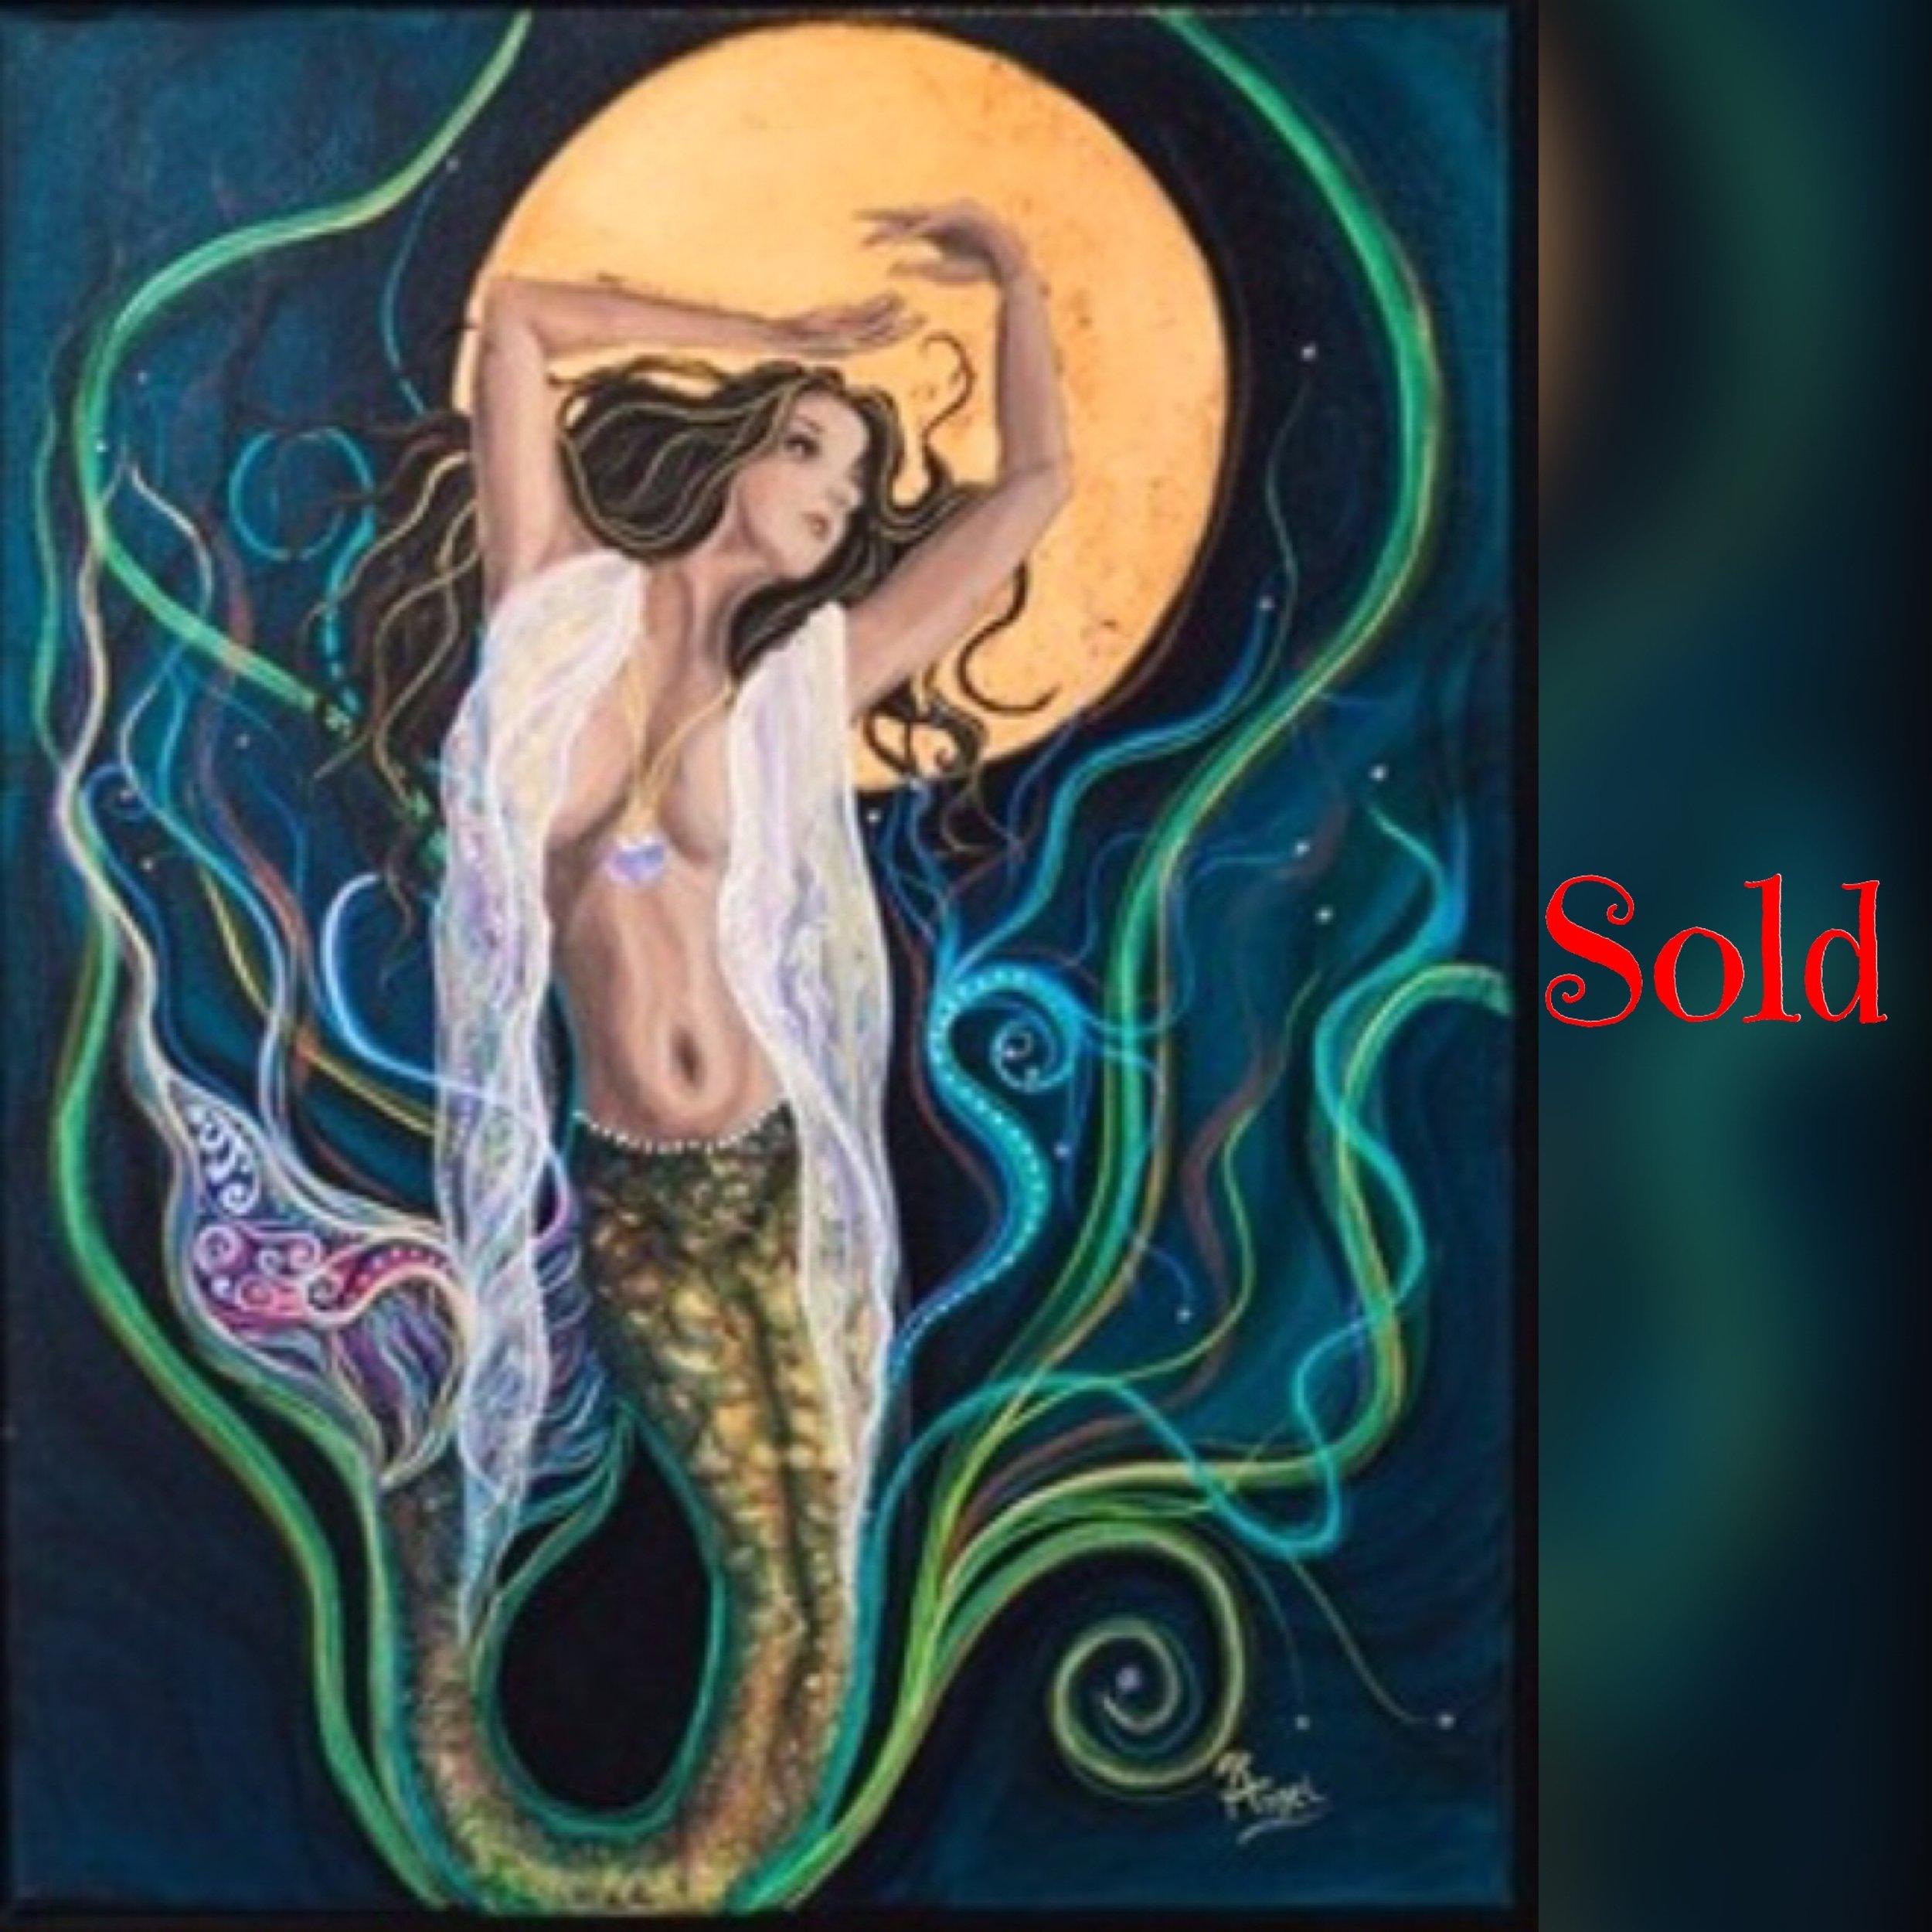 Sold BMG.jpg